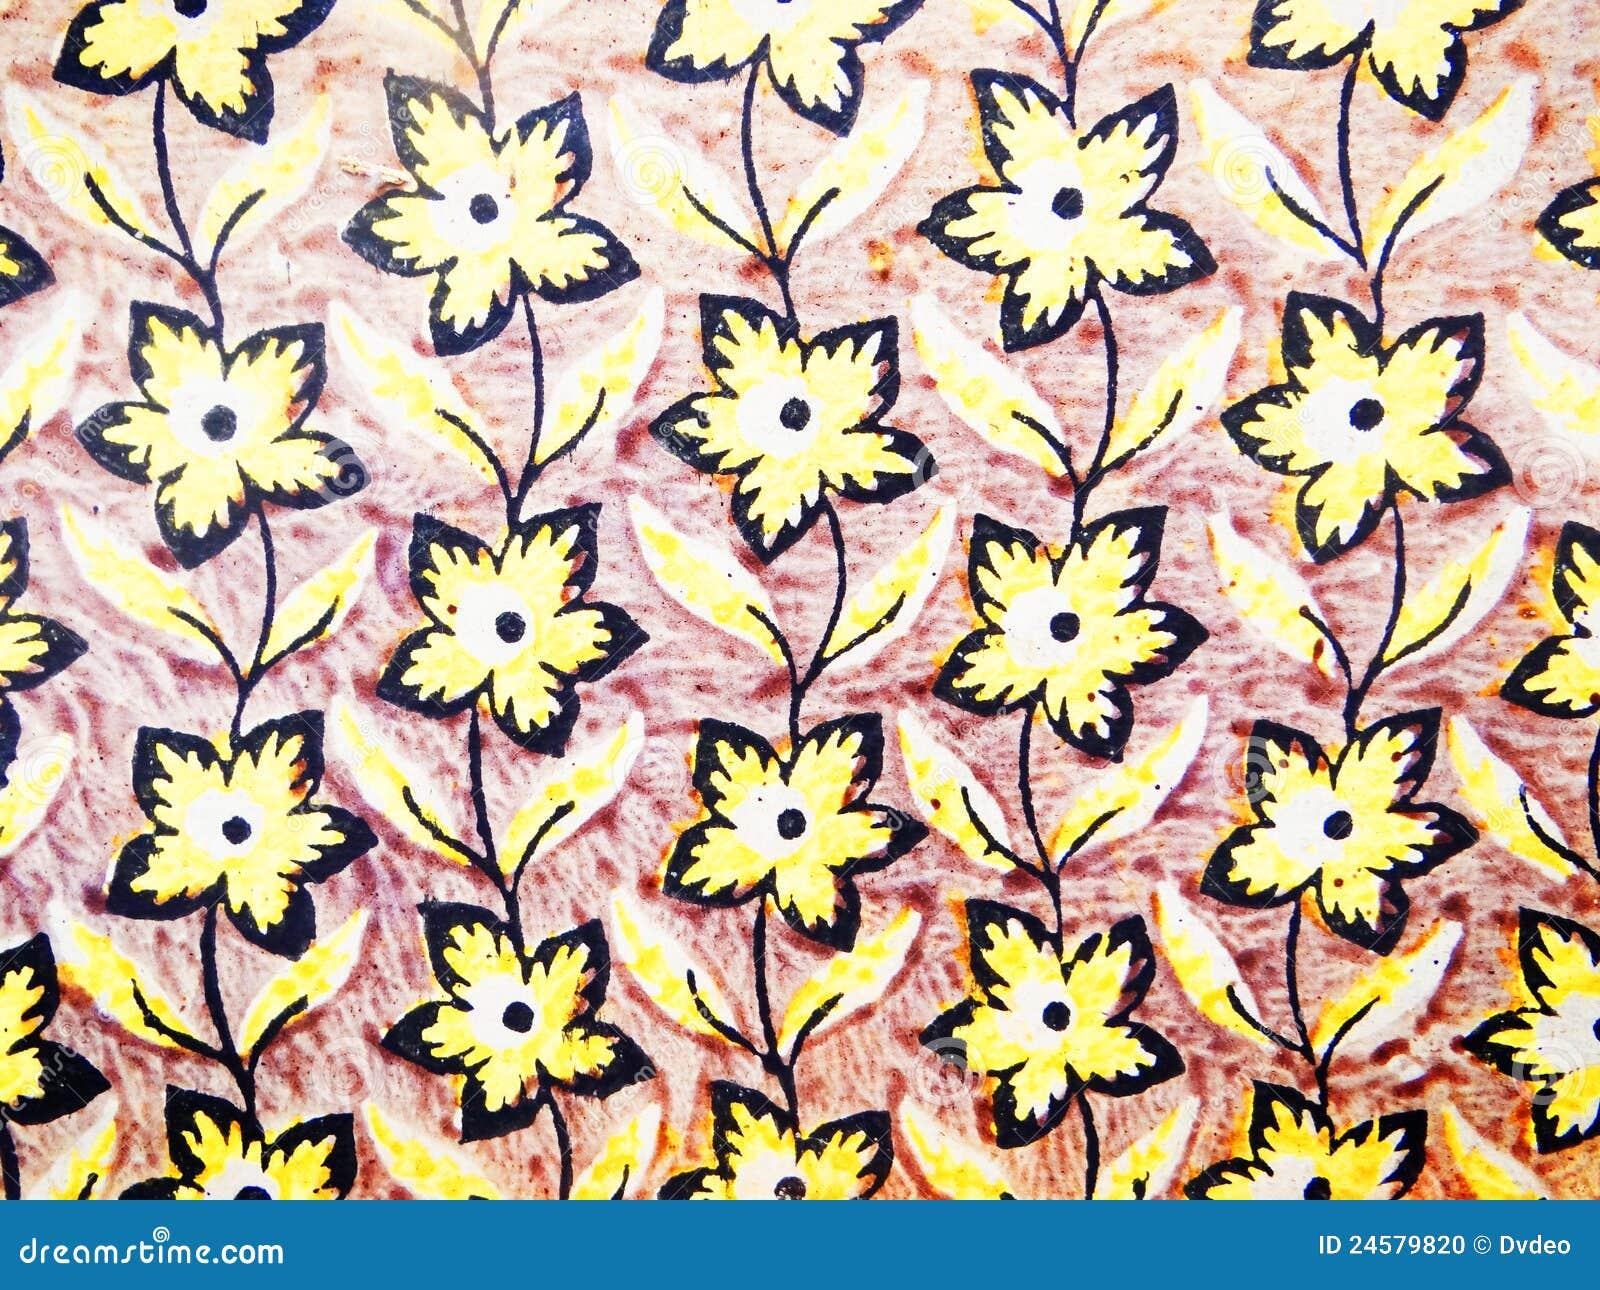 gelbe tapete stockfoto bild von beschaffenheit blumen. Black Bedroom Furniture Sets. Home Design Ideas